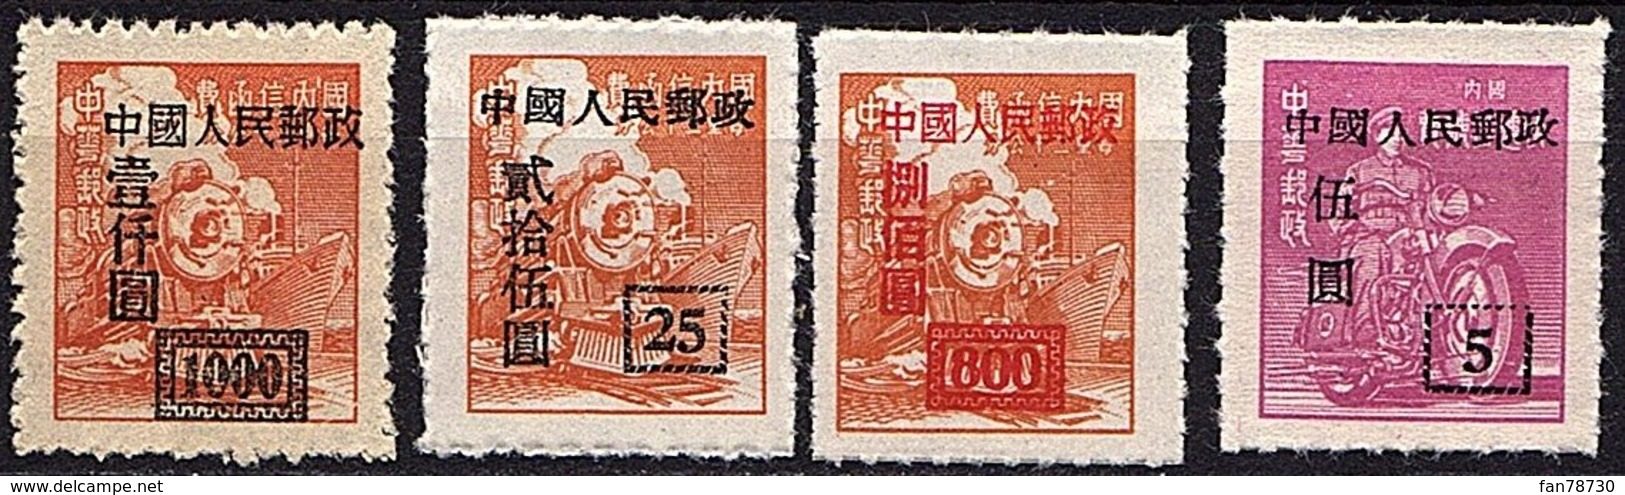 Chine Orientale 1949 -  (non Oblitéré, Sans Gomme) Série Transports, Surchargés Valeurs Et Texte - 1949 - ... Repubblica Popolare